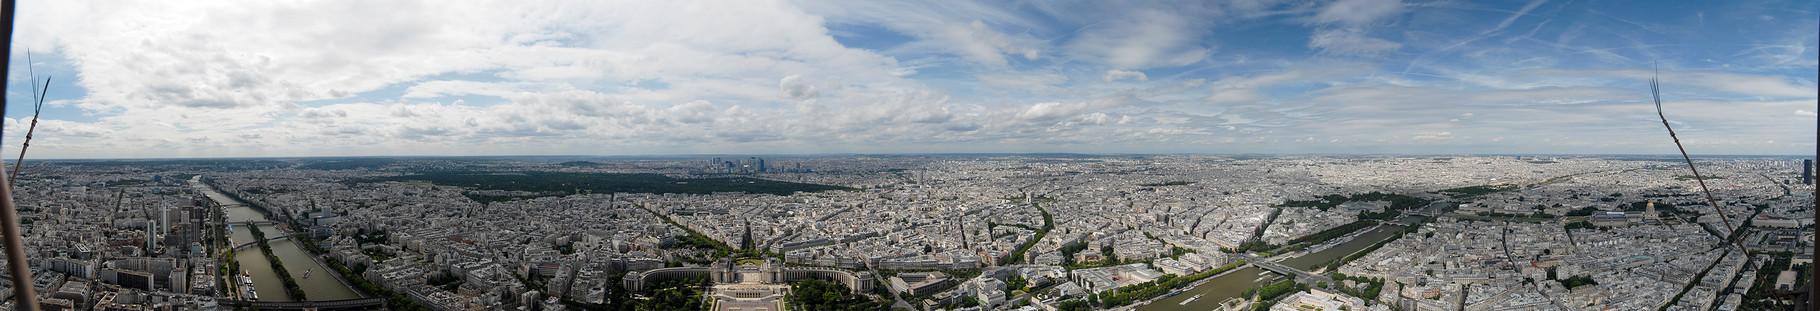 Blick auf Paris vom Eiffelturm (in der Mitte der Trocadero)